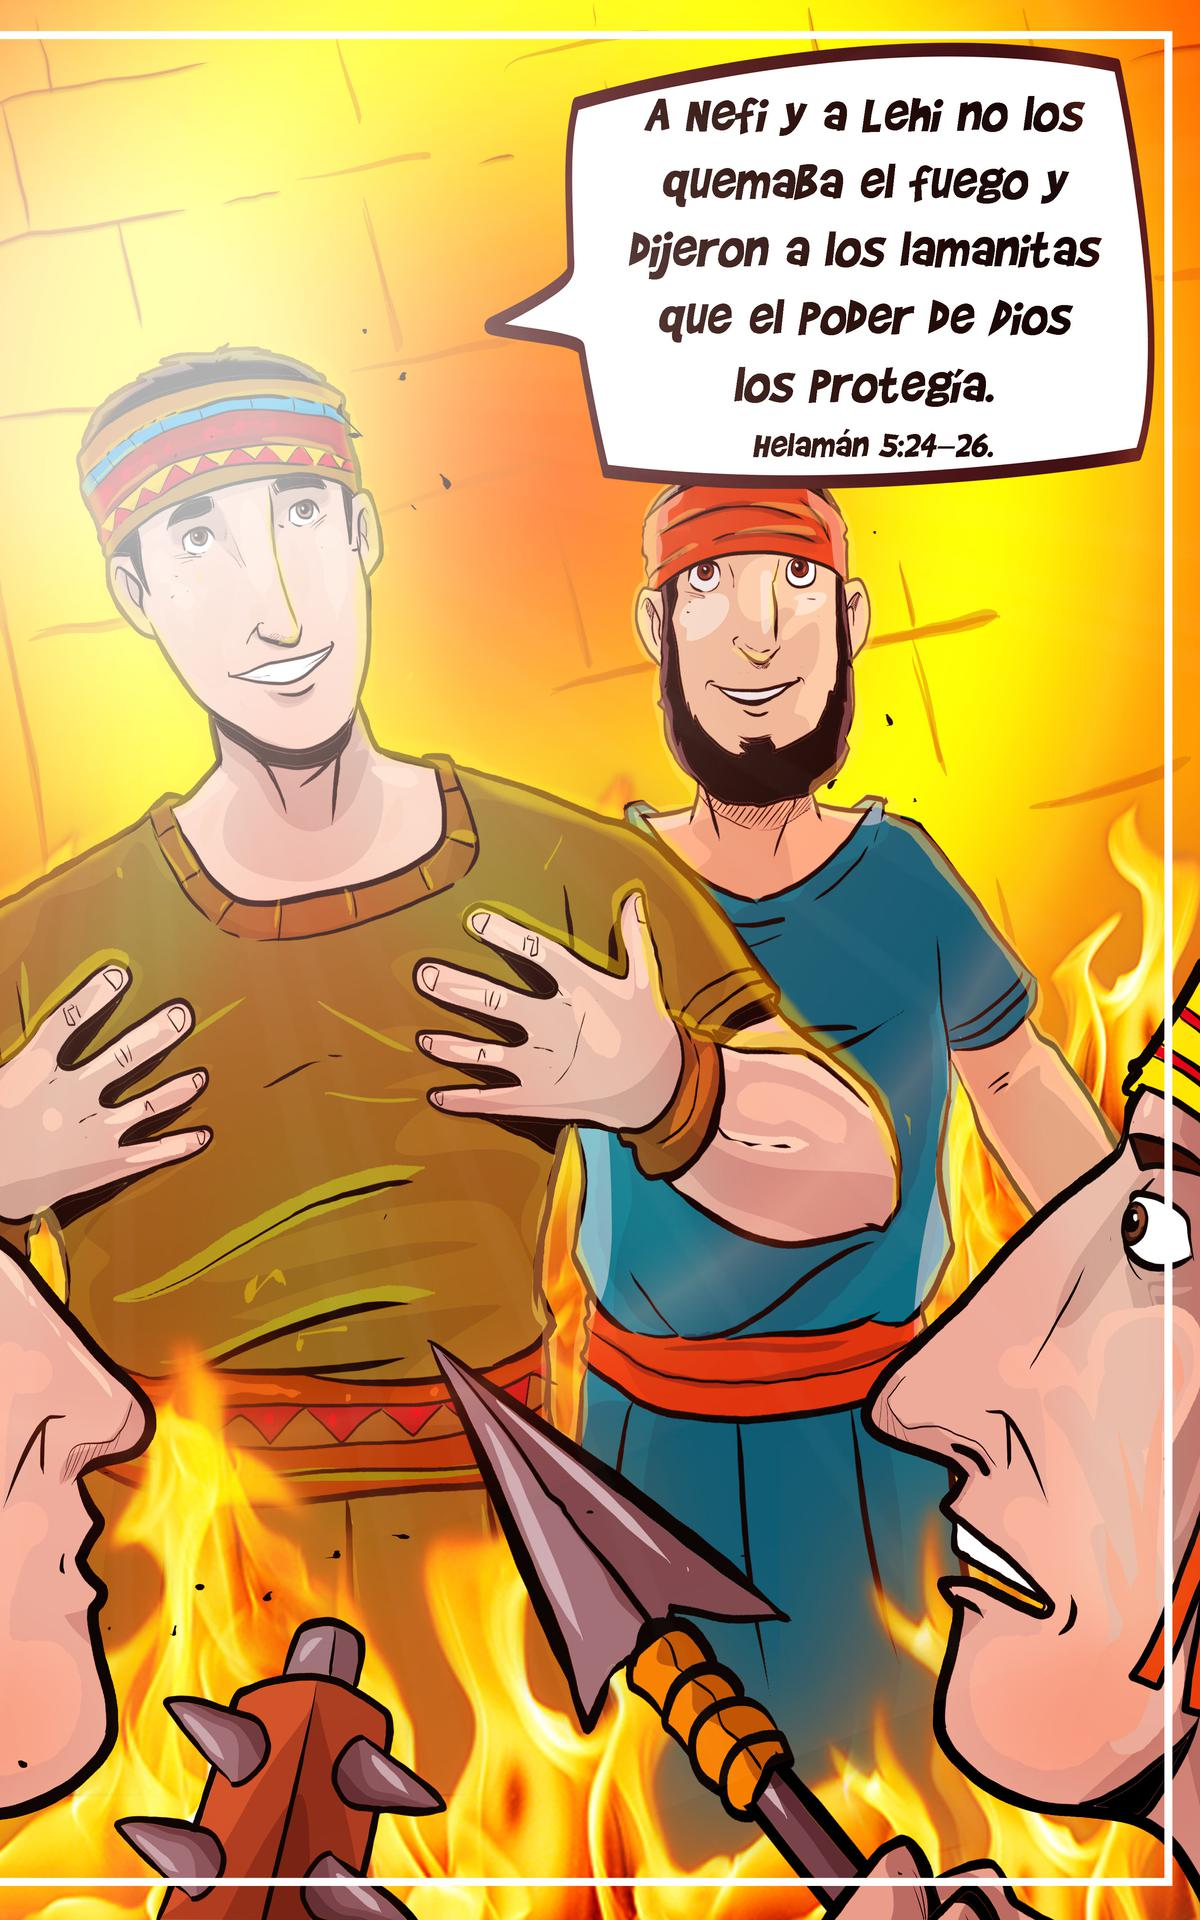 Lehi y Nefi protegidos del fuego